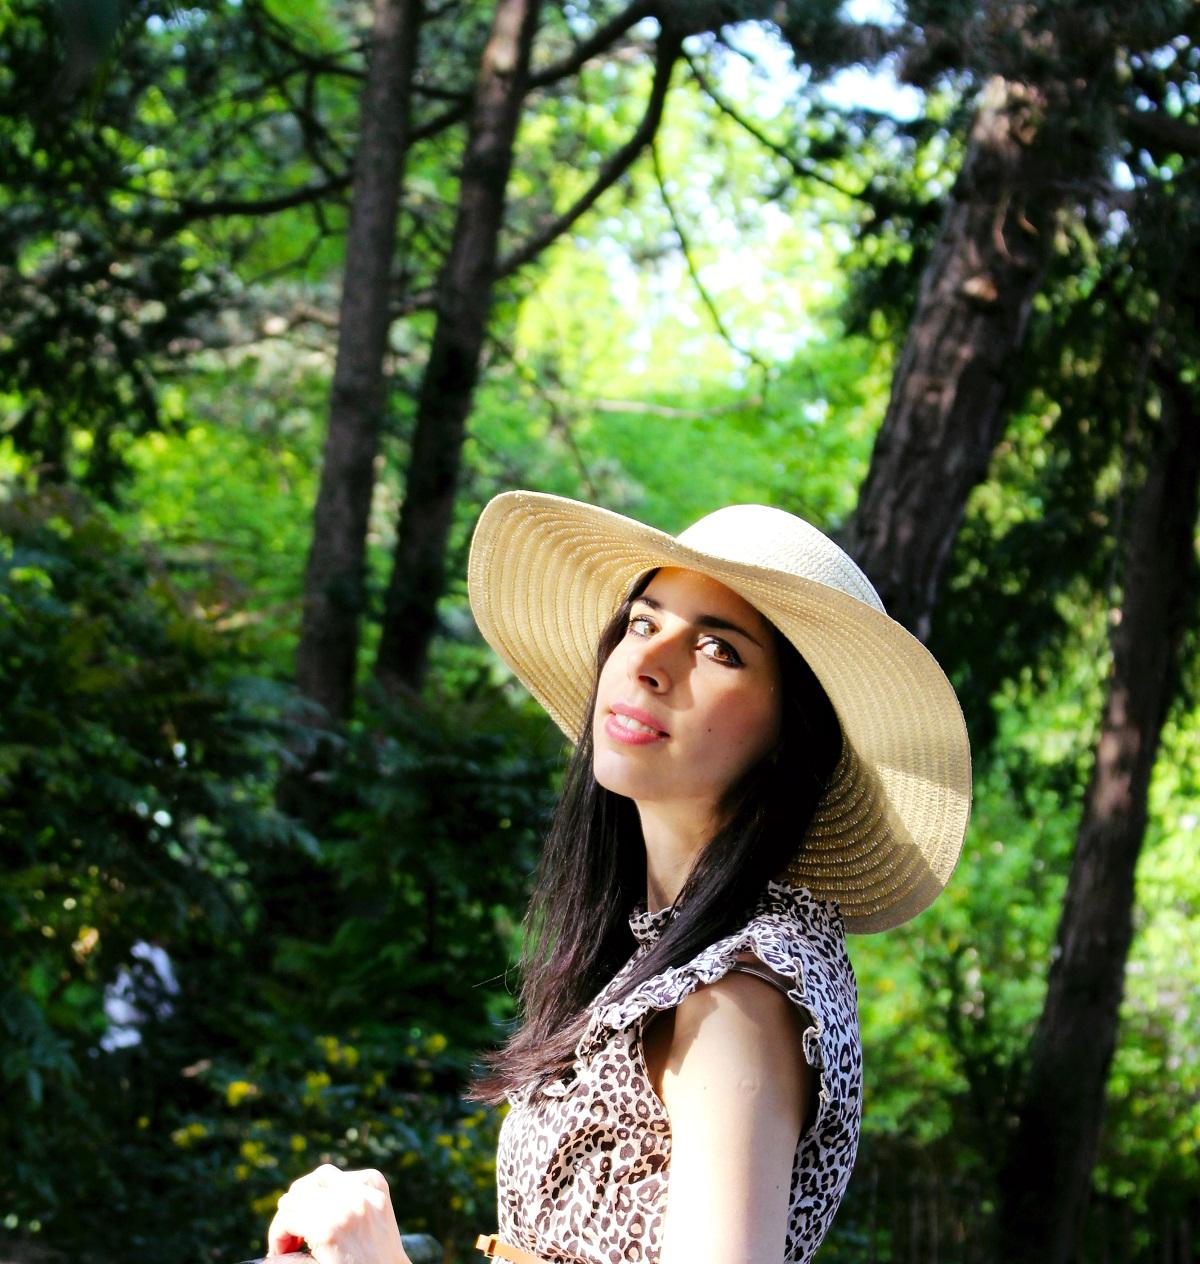 portrait-brunette-botanical-park-style